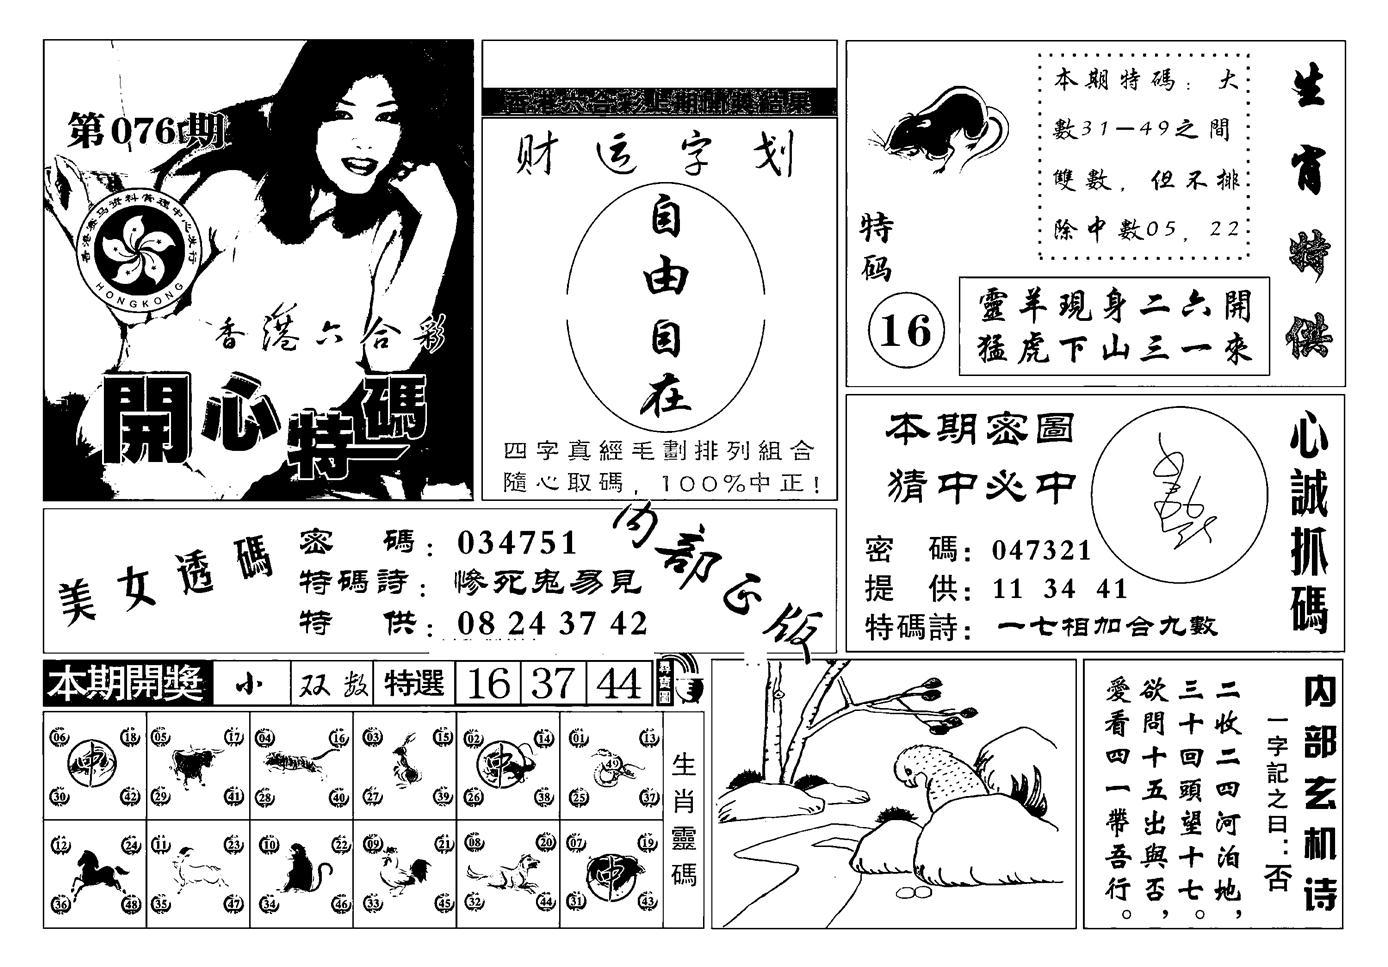 076期白姐猛料(黑白)